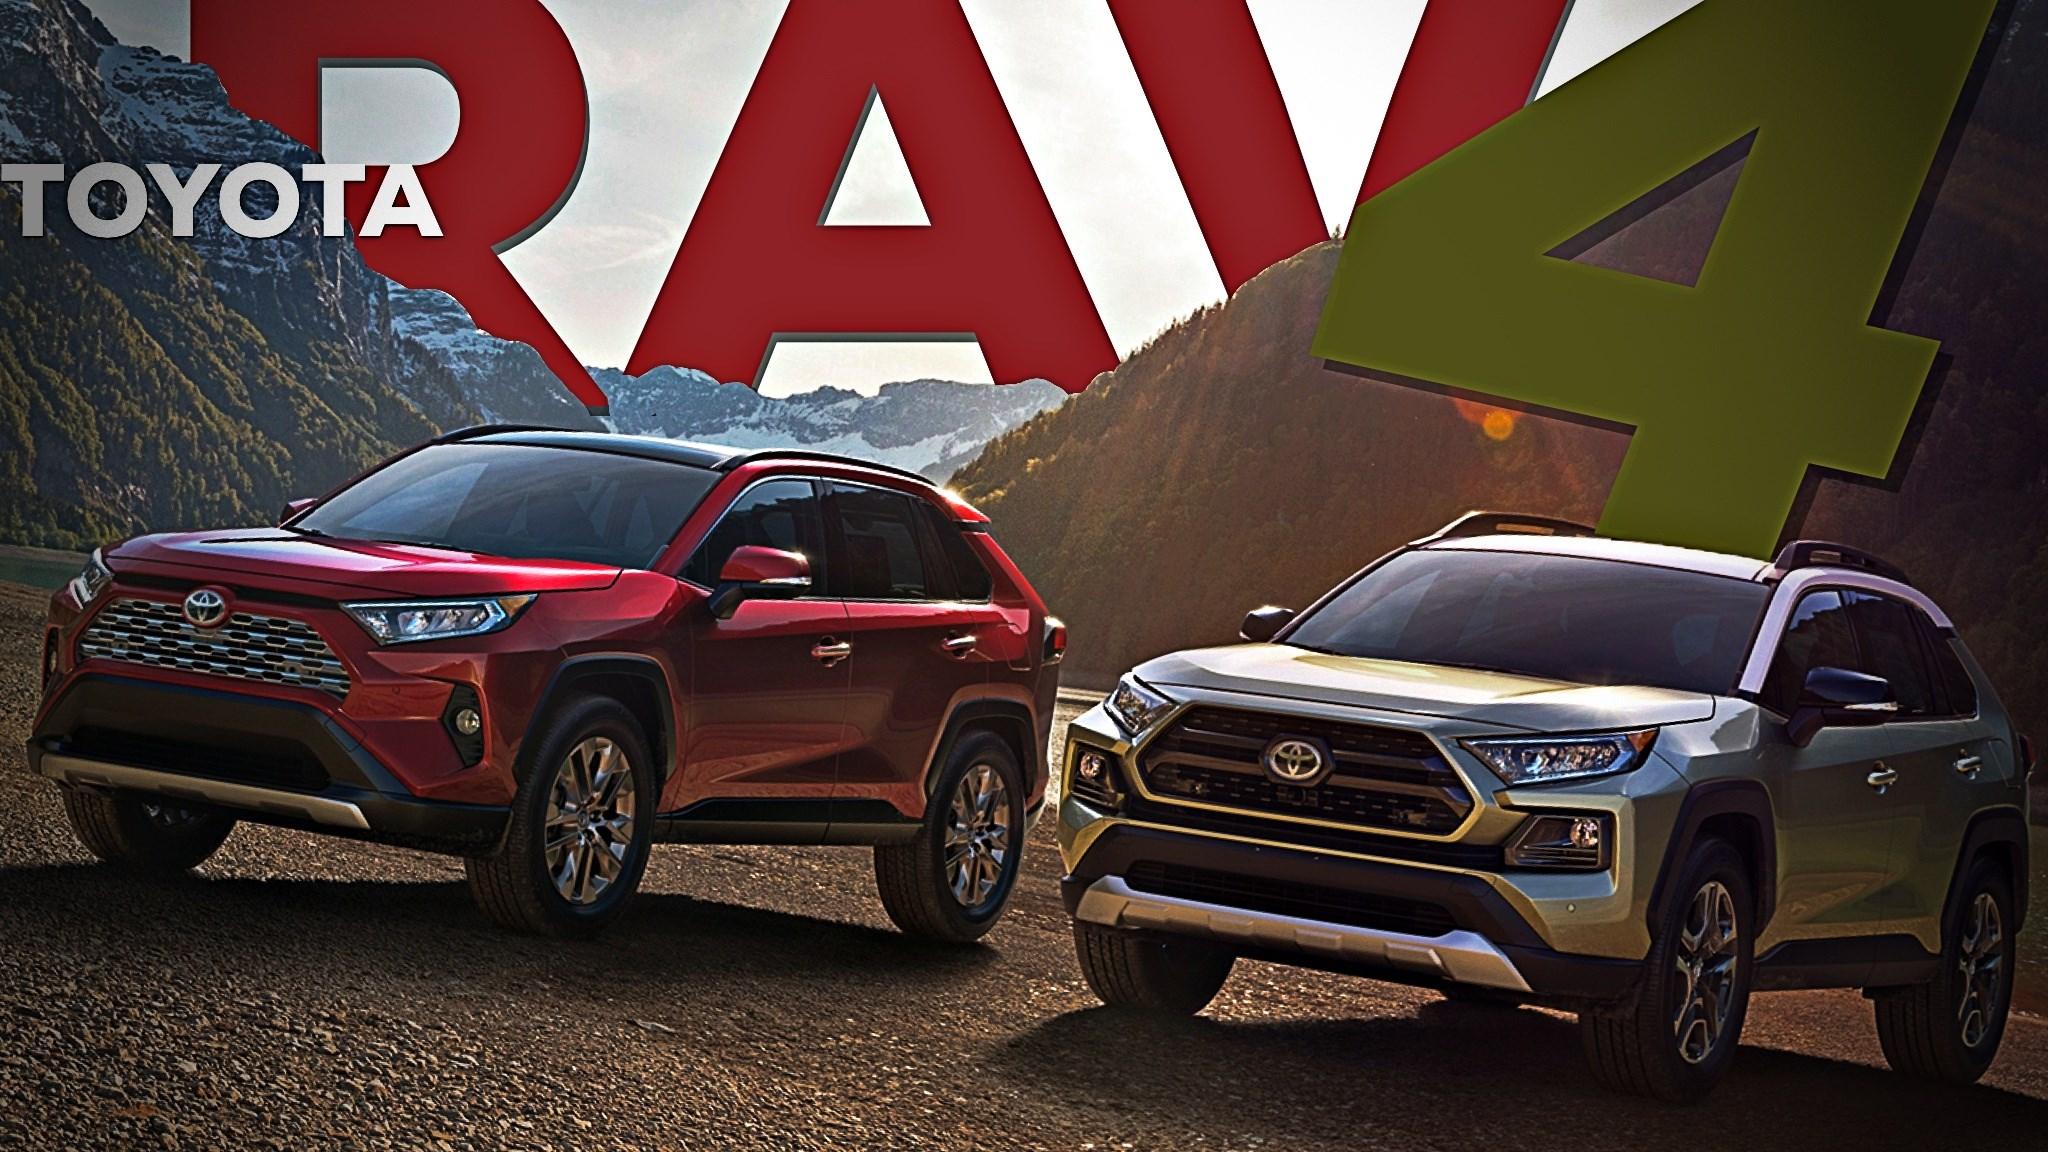 2019 Toyota RAV4 Revealed: A Proper SUV